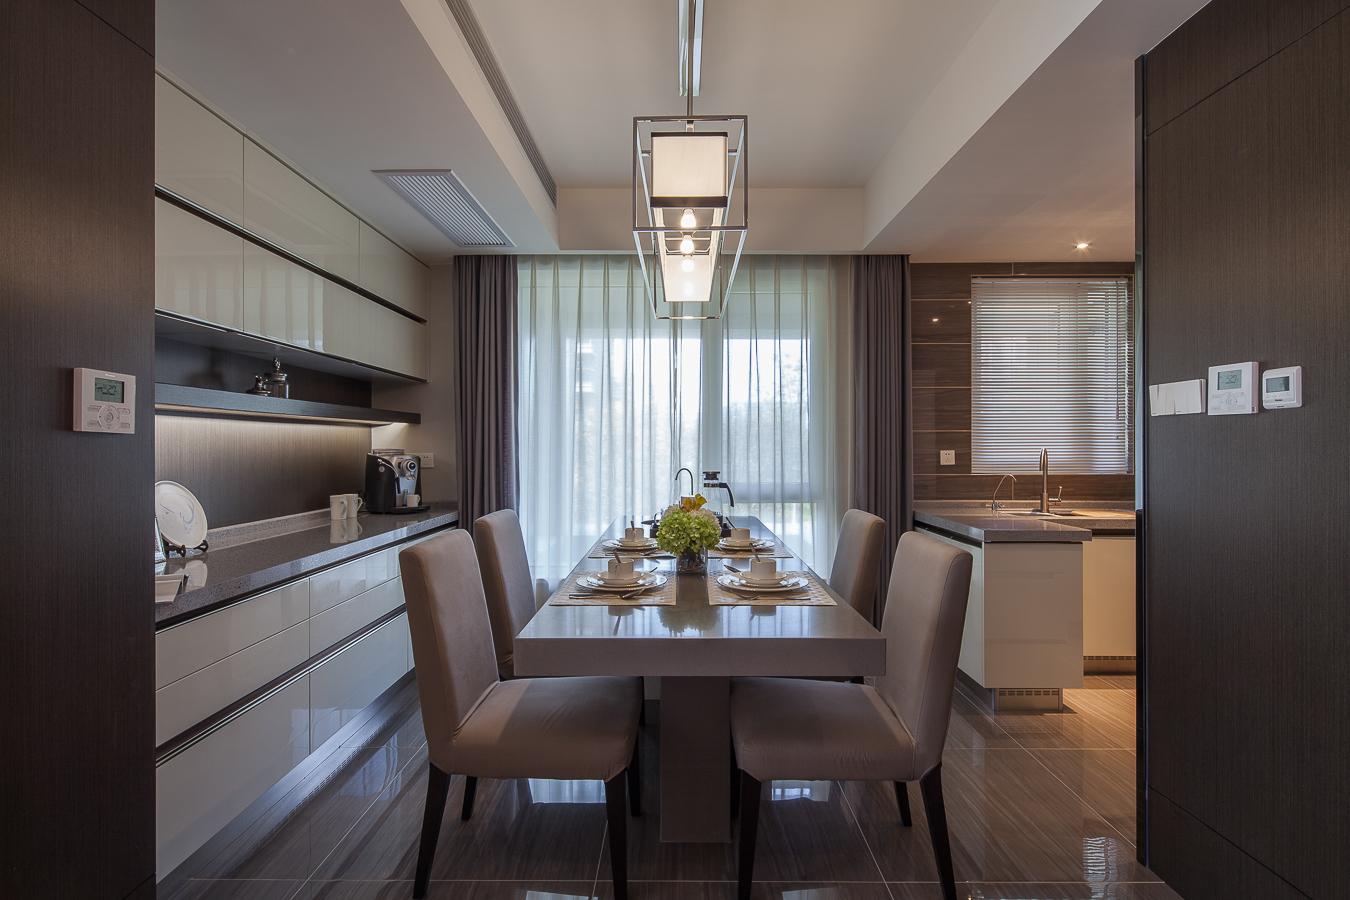 灰色的亚麻布艺餐椅既舒适又简约,与木质的温润质感相得益彰。